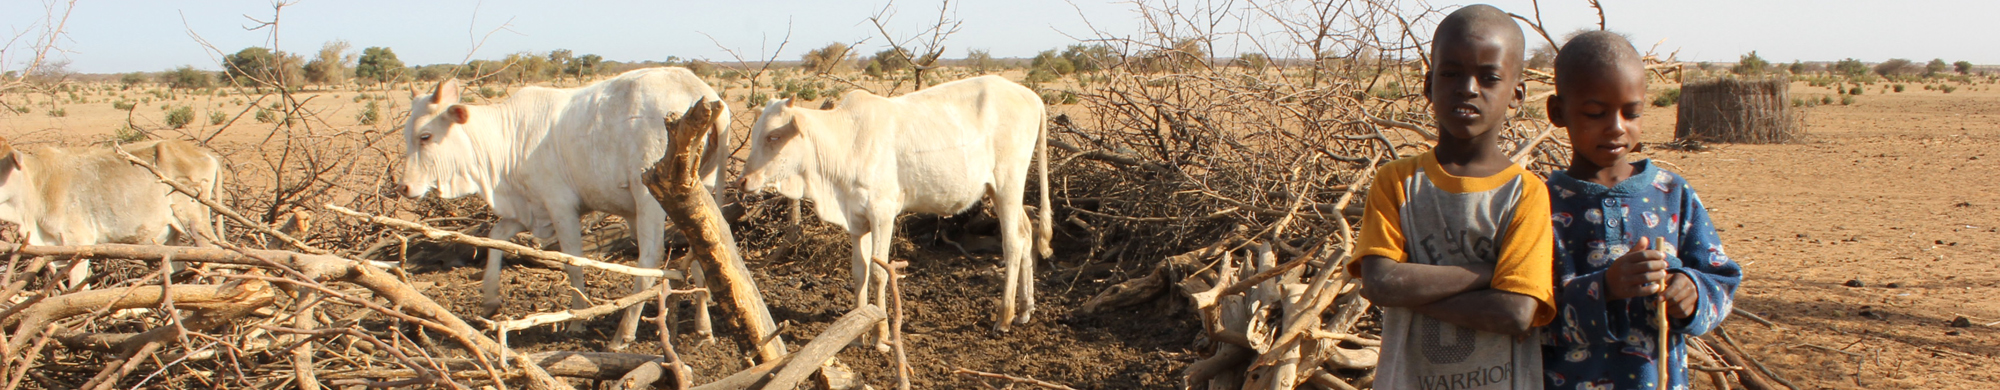 Quel avenir pour les éleveurs sénégalais ?